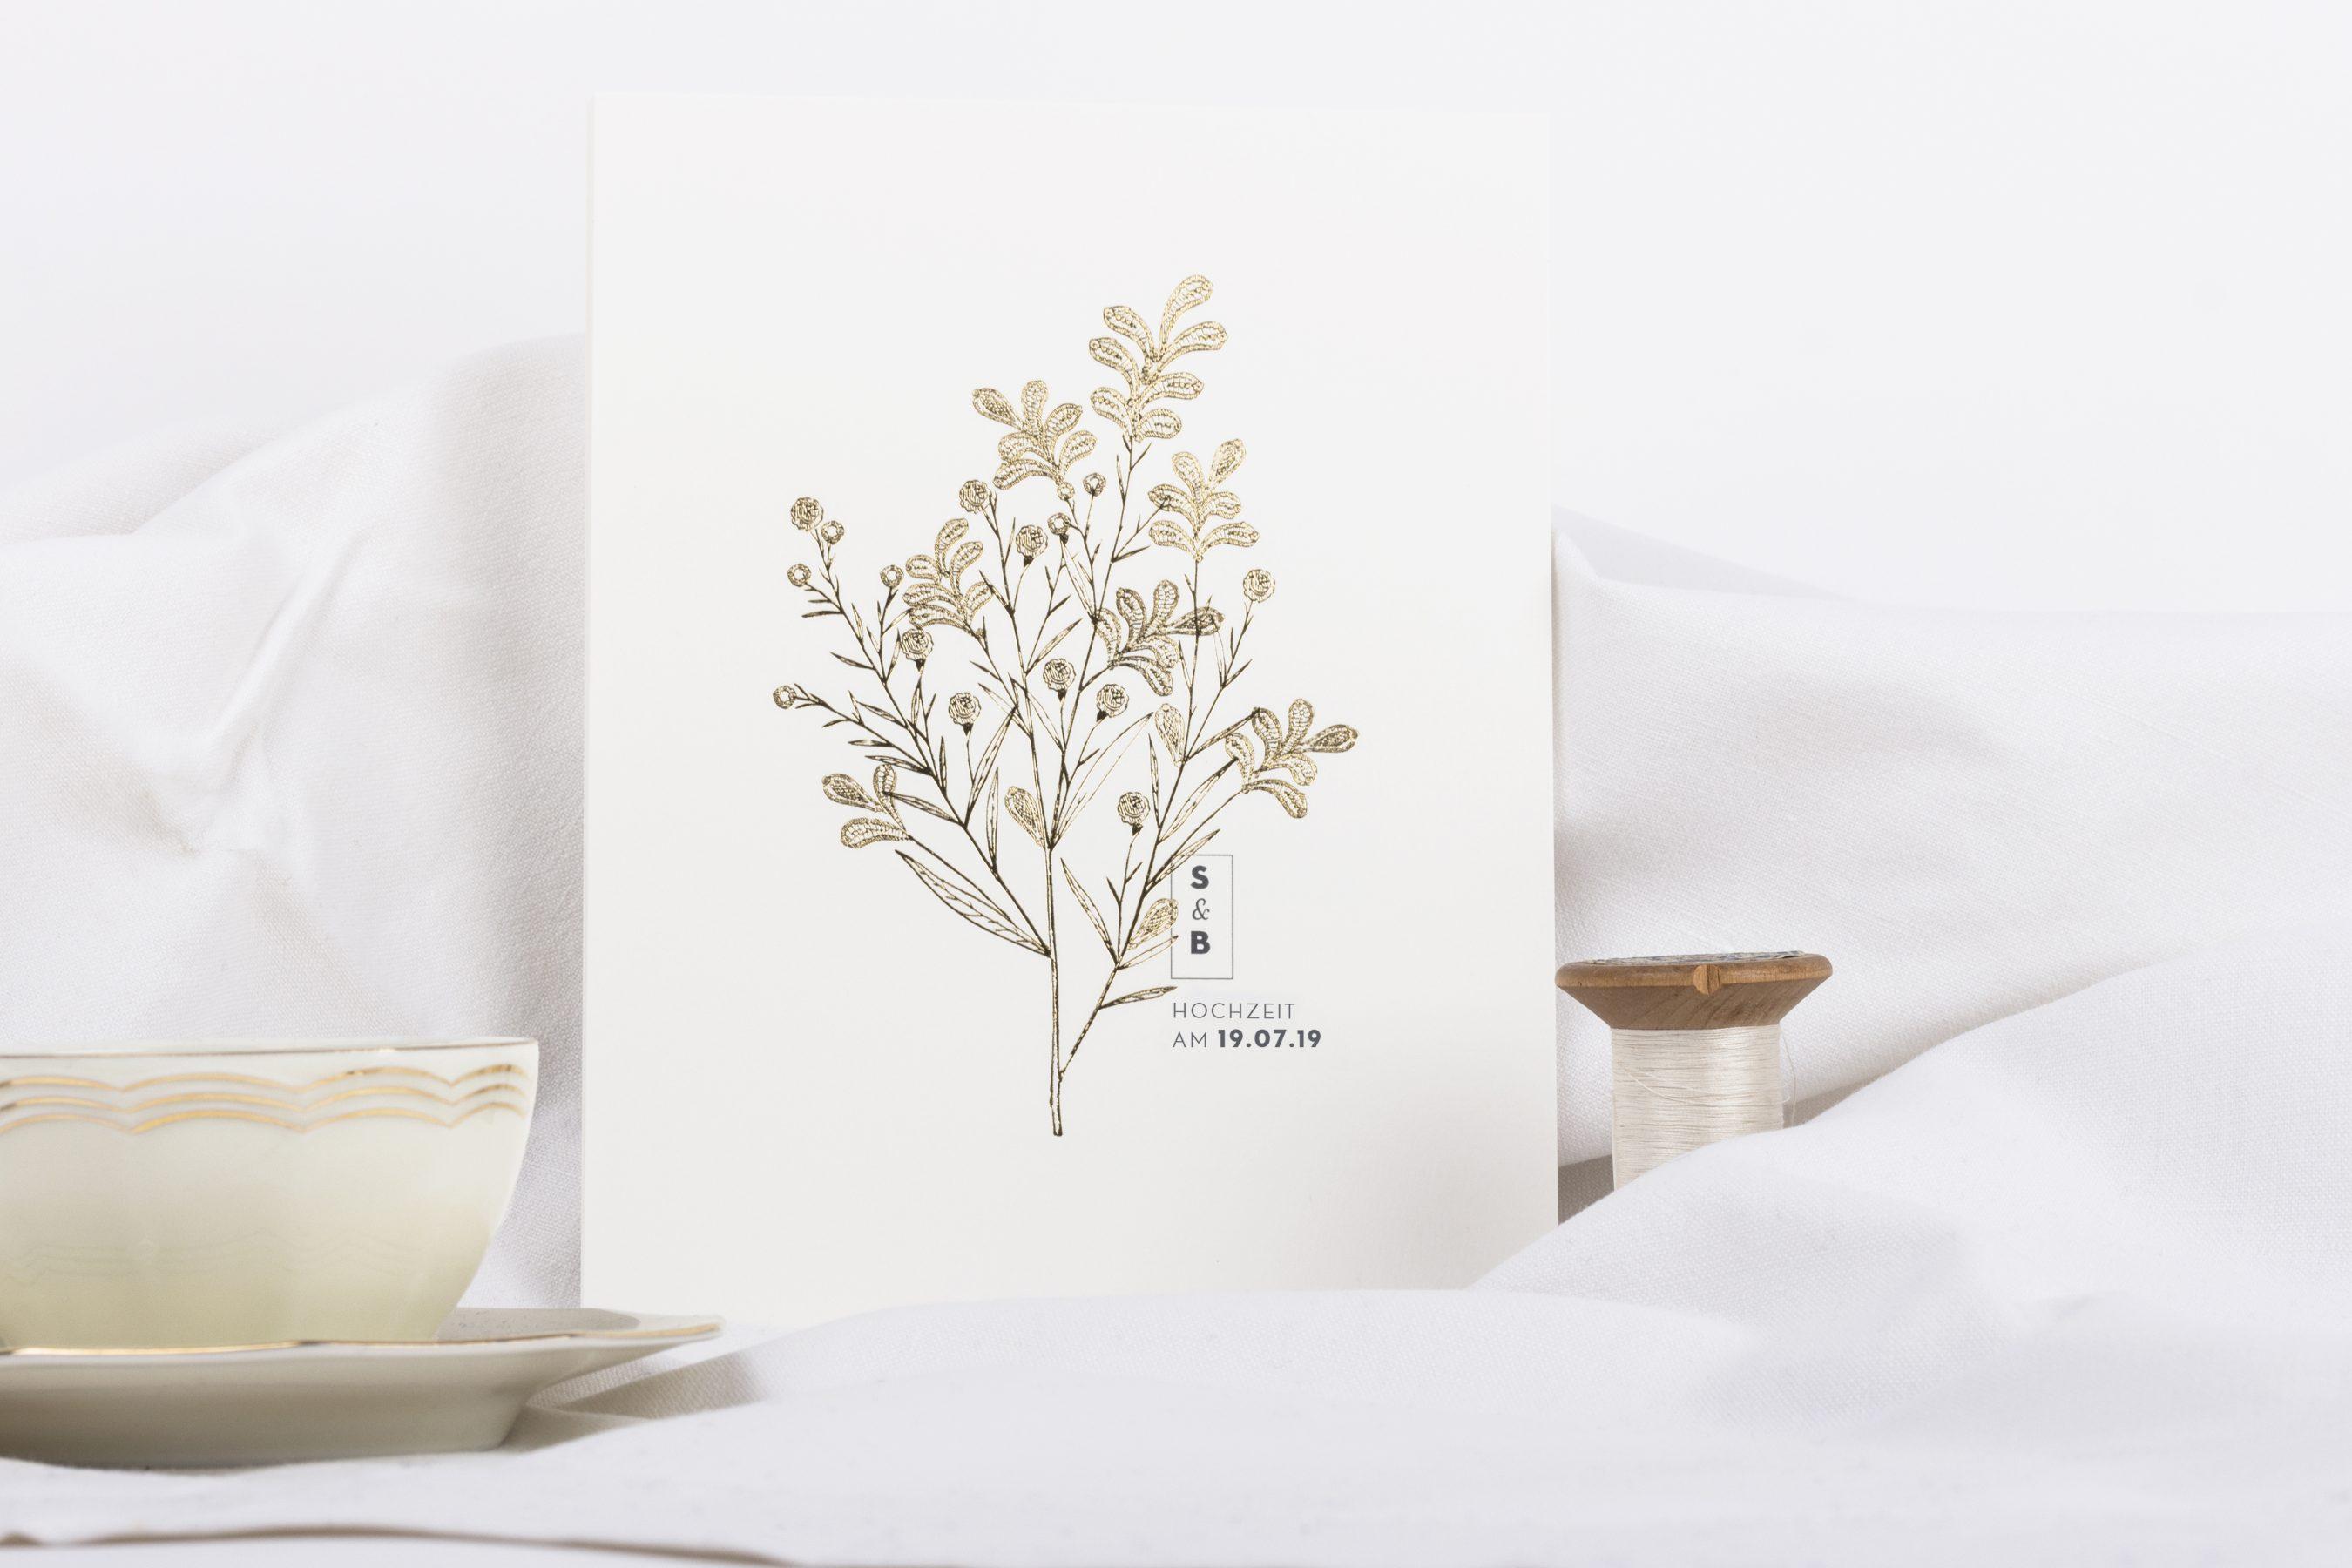 Edle Hochzeitskarten Von Atelier Rosemood Hochzeitsblog The Little